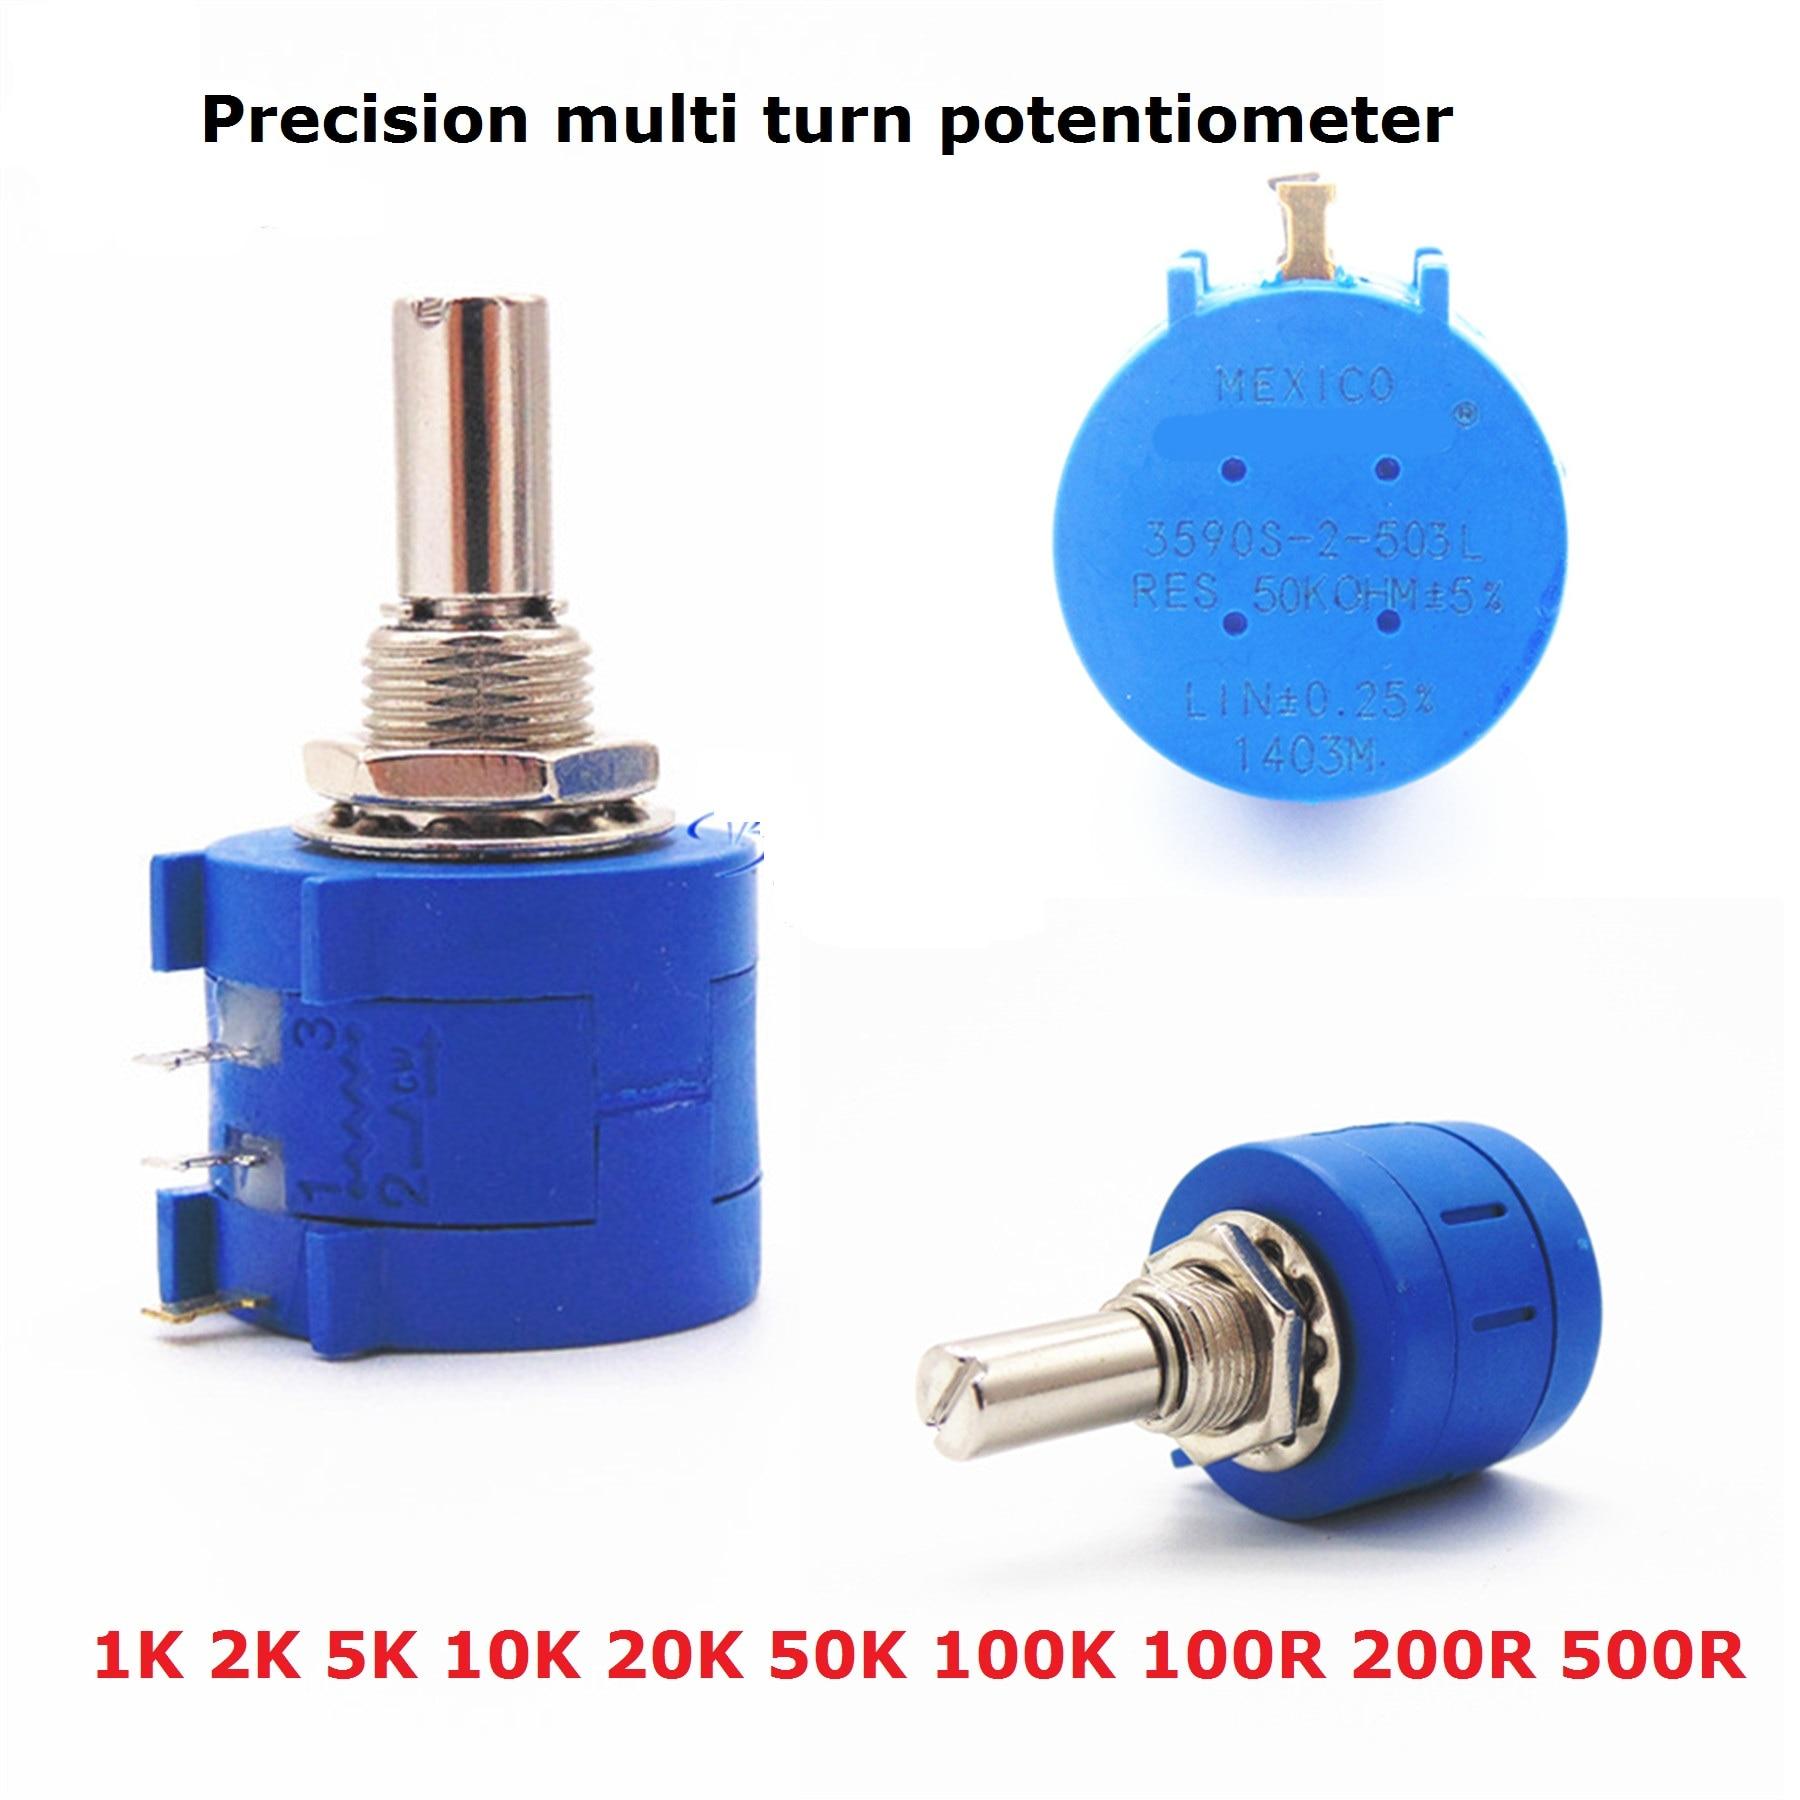 1PC Precision Multi Turn Potentiometer 3590S-2-103 101 503 104 201 501 102 202 502 203 100R 200R 500R 1K 2K 5K 10K 20K 50K 100K